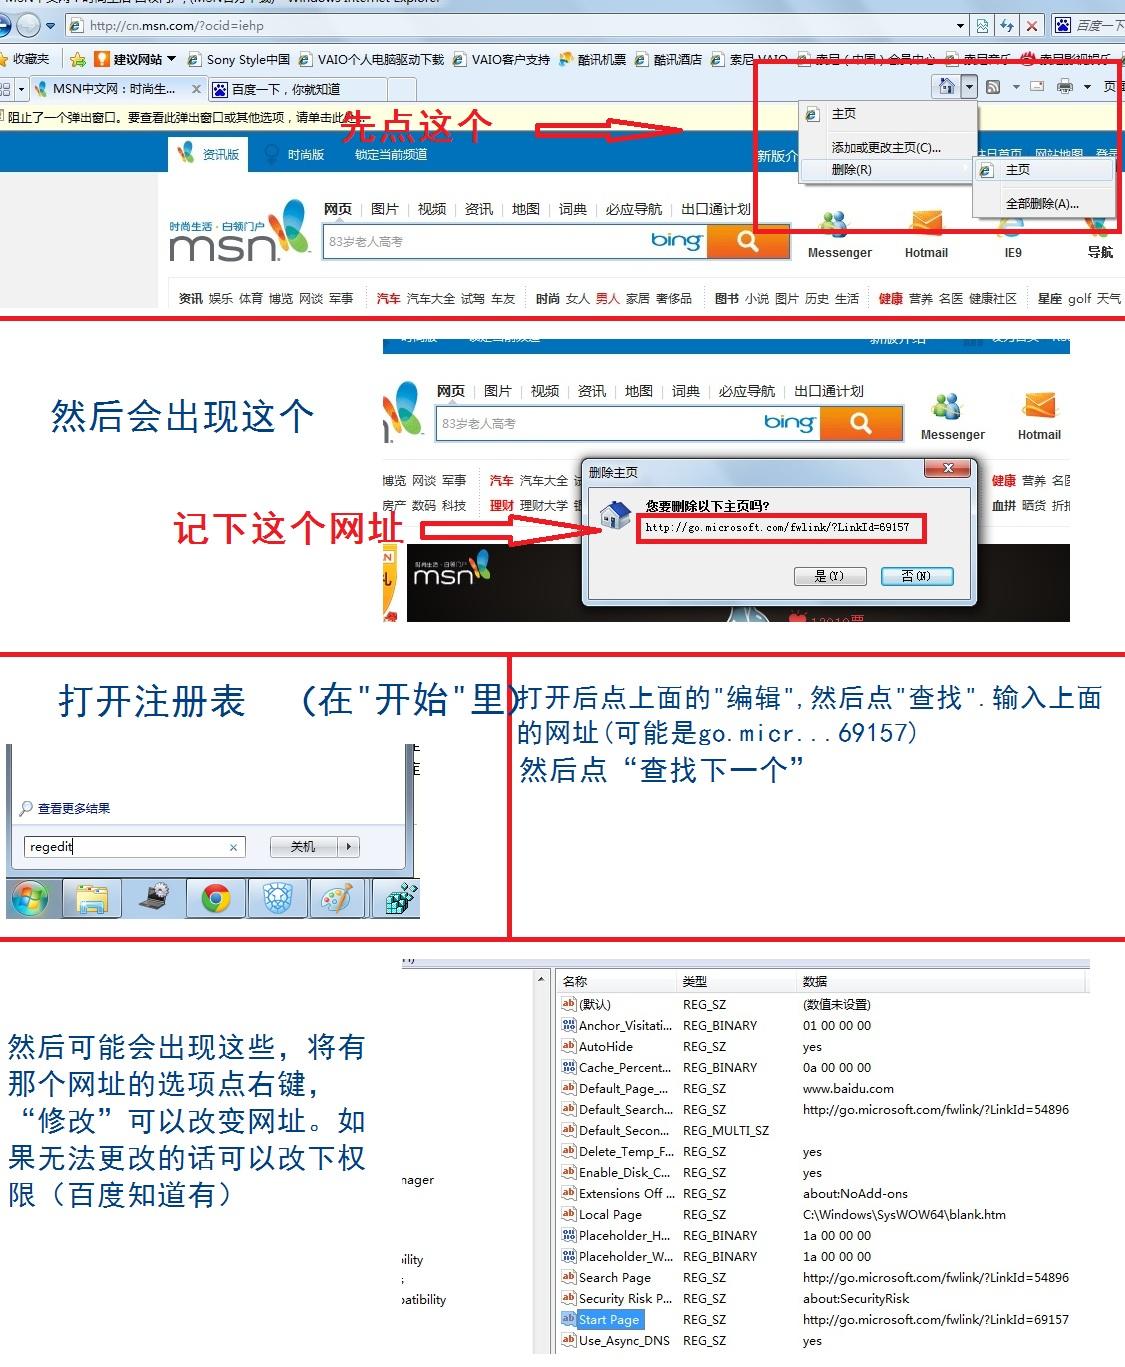 IE主页是http://cn.msn.com/?ocid=iehp改也改不了。你是怎么解决的? 把方法发到我邮箱